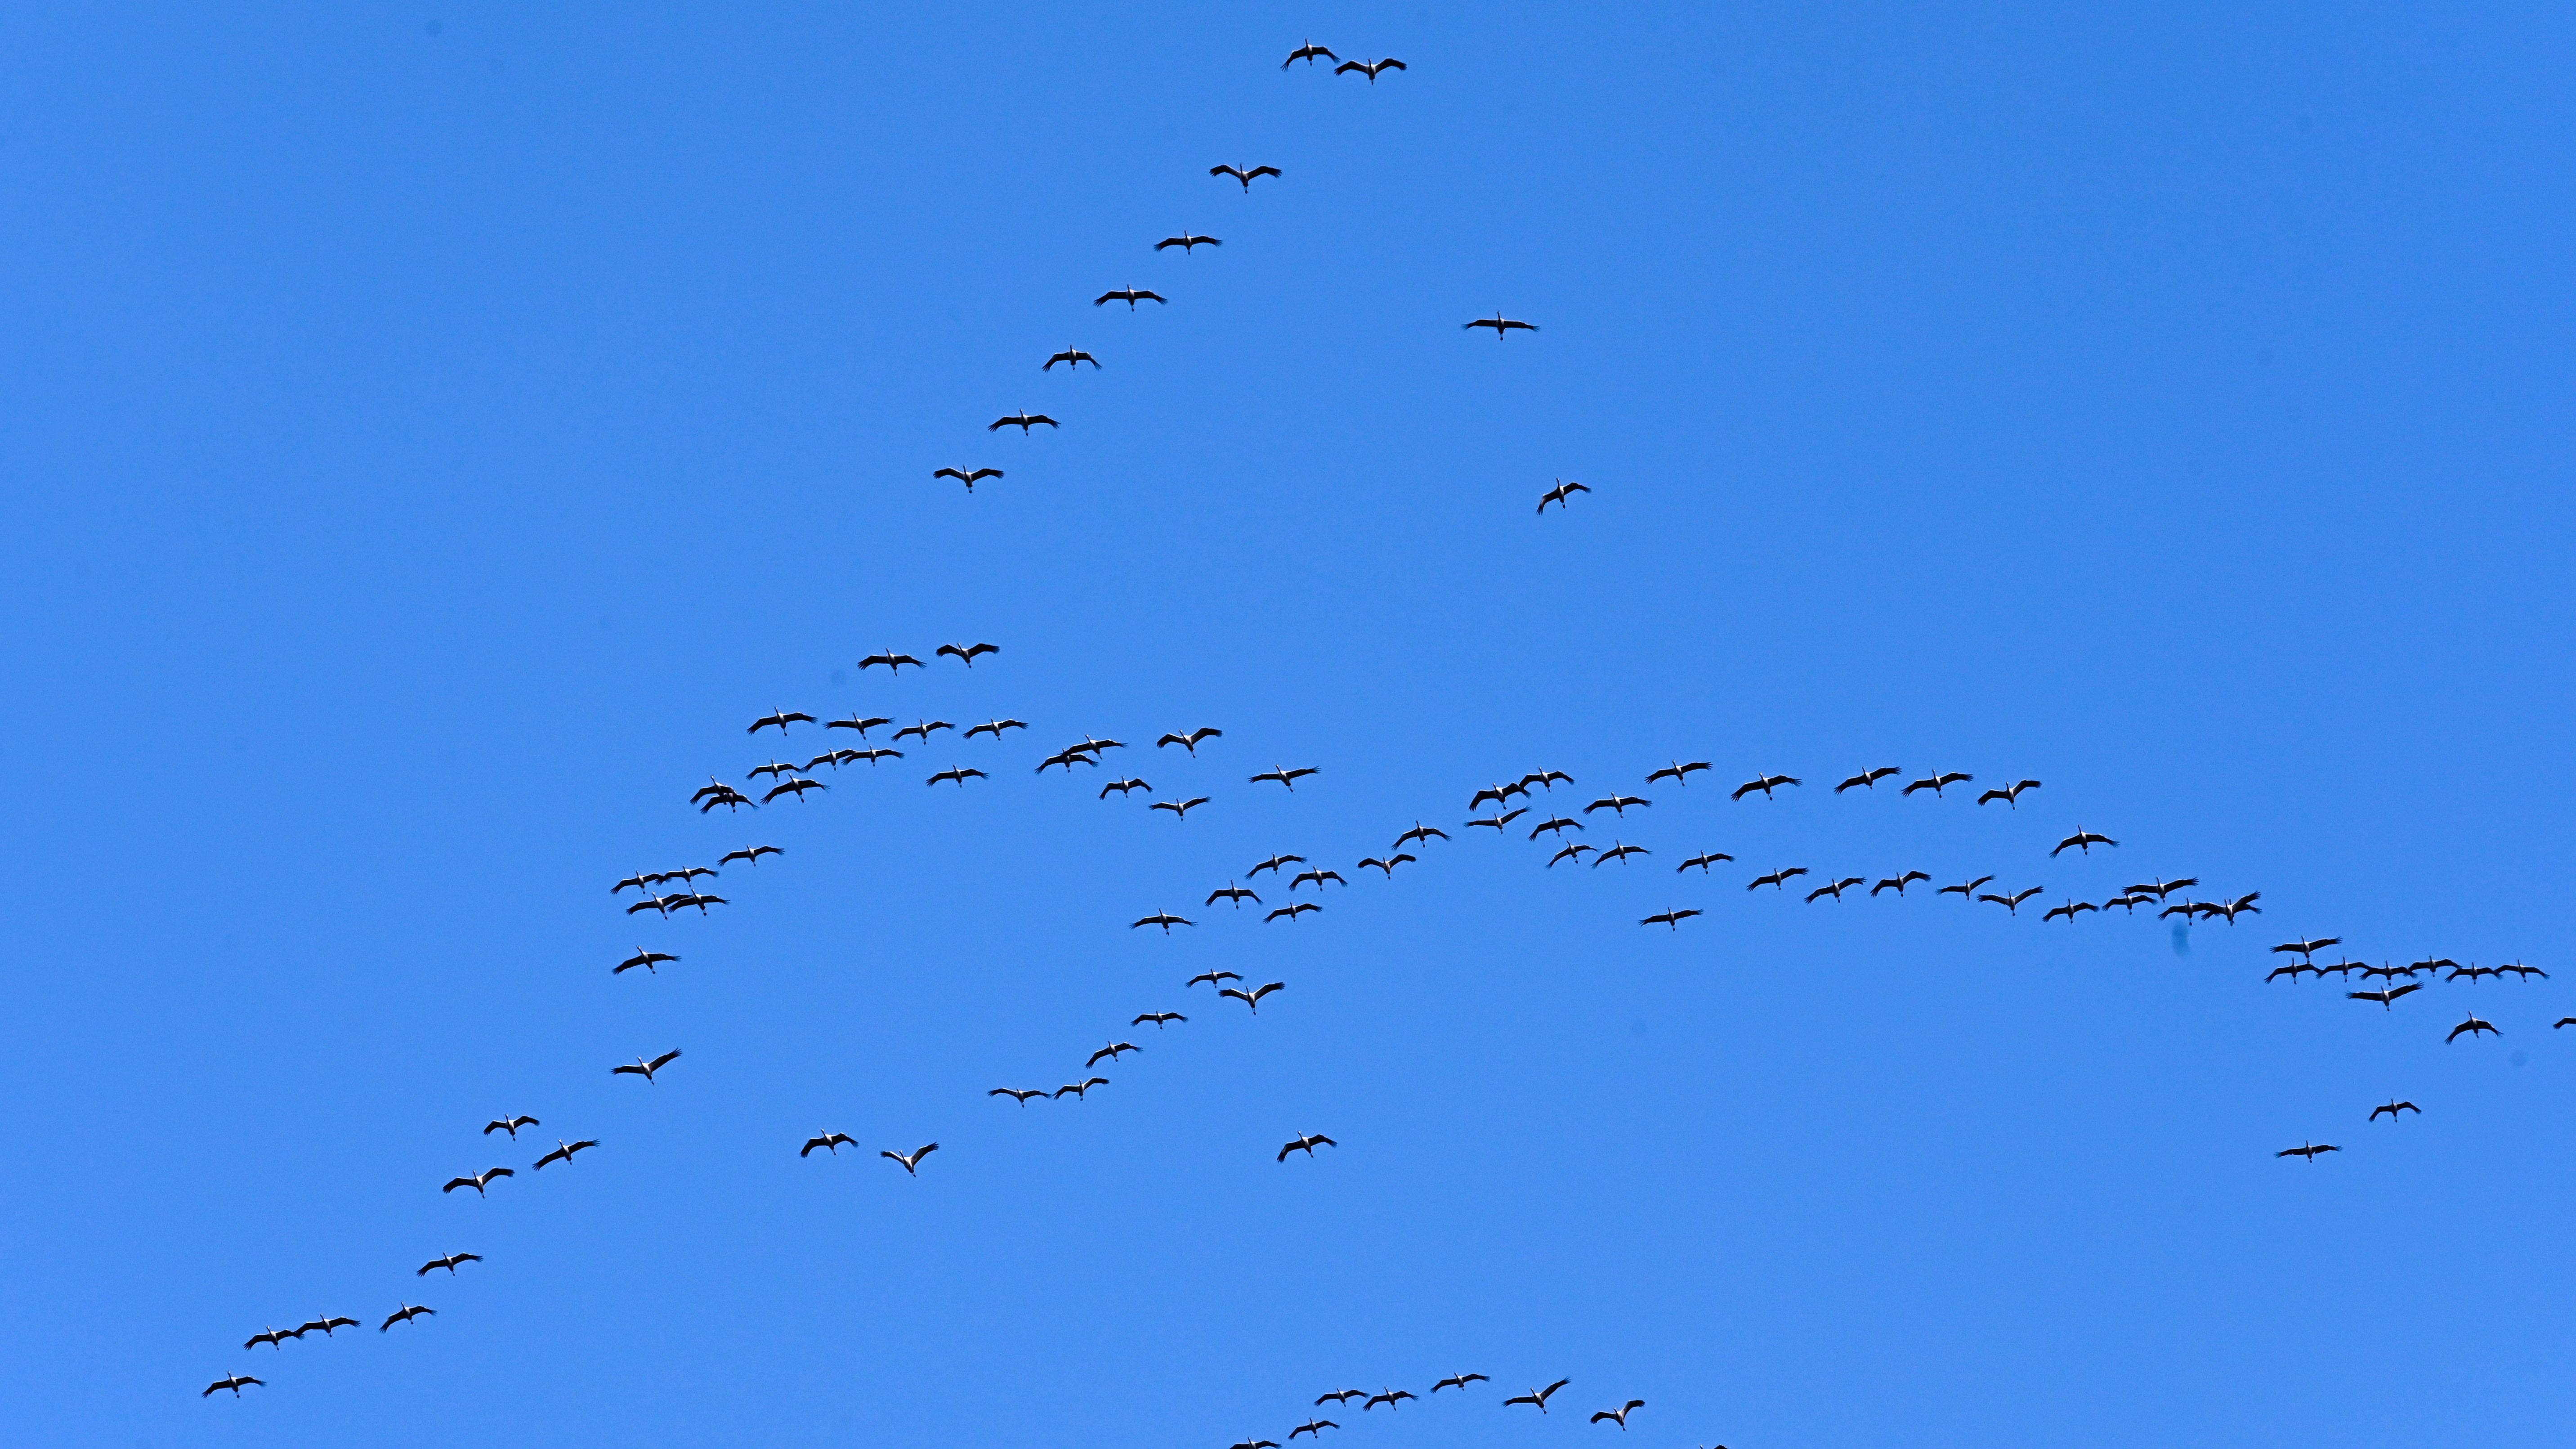 Kraniche ziehen am blauen Himmel in Richtung der südlichen Winterquartiere